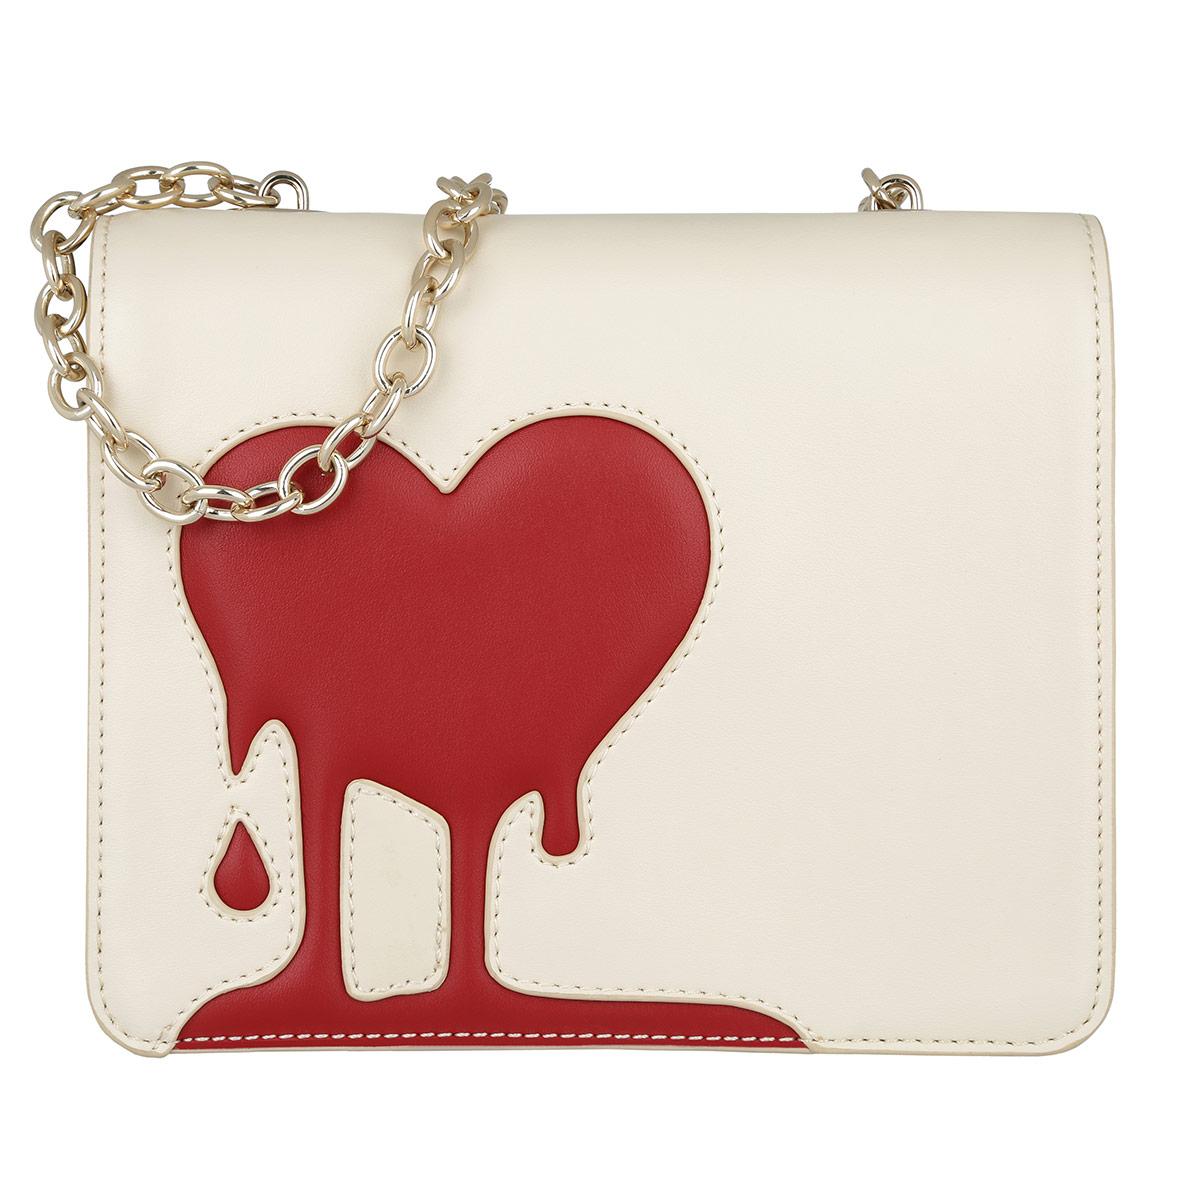 Moschino Shoulder Bag - £179